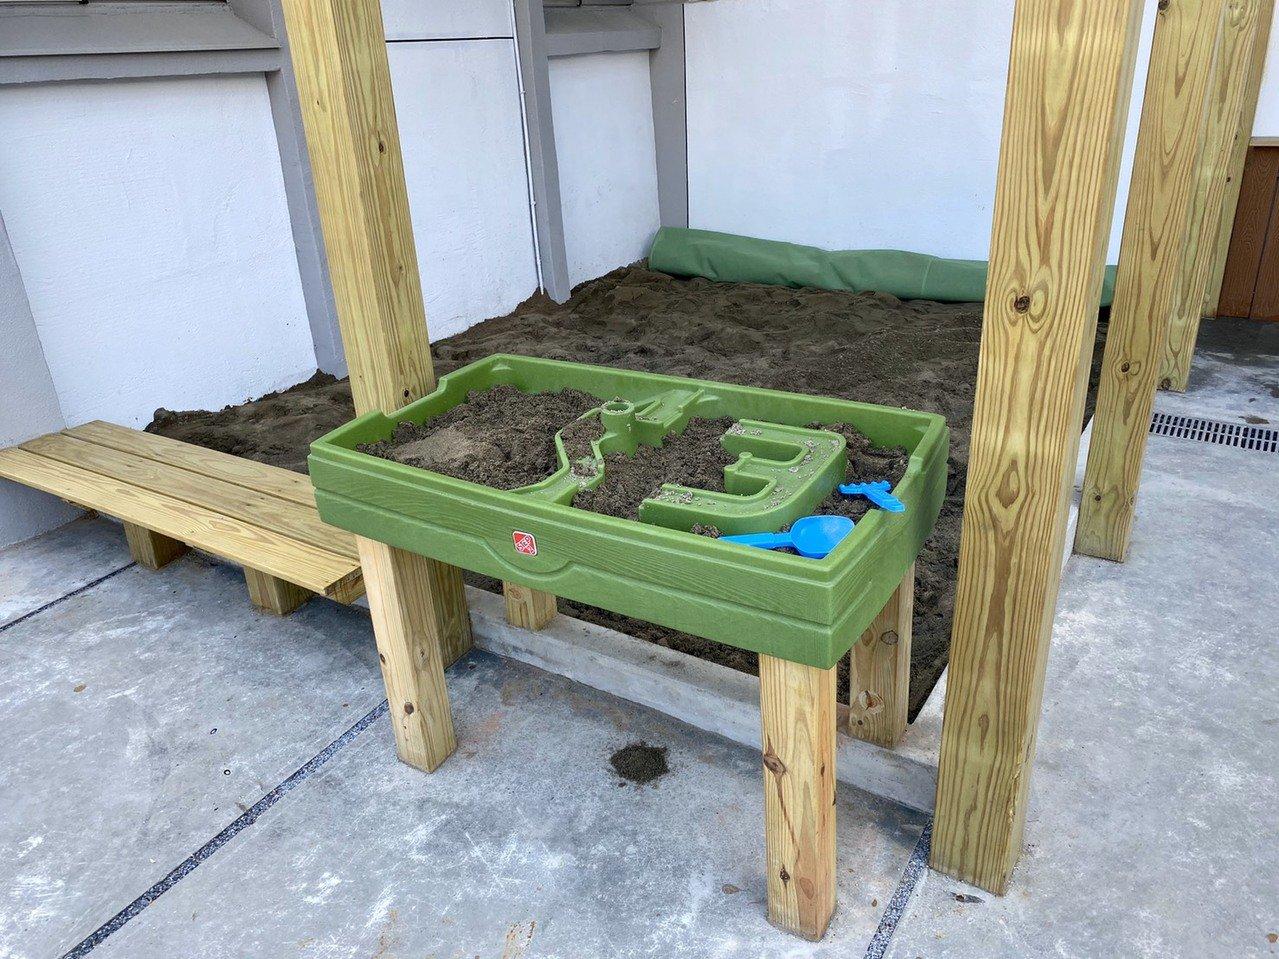 南港親子館是北市唯一有戶外滑坡、沙坑的親子館,前方沙坑台可供輪椅小朋友玩沙,與其...